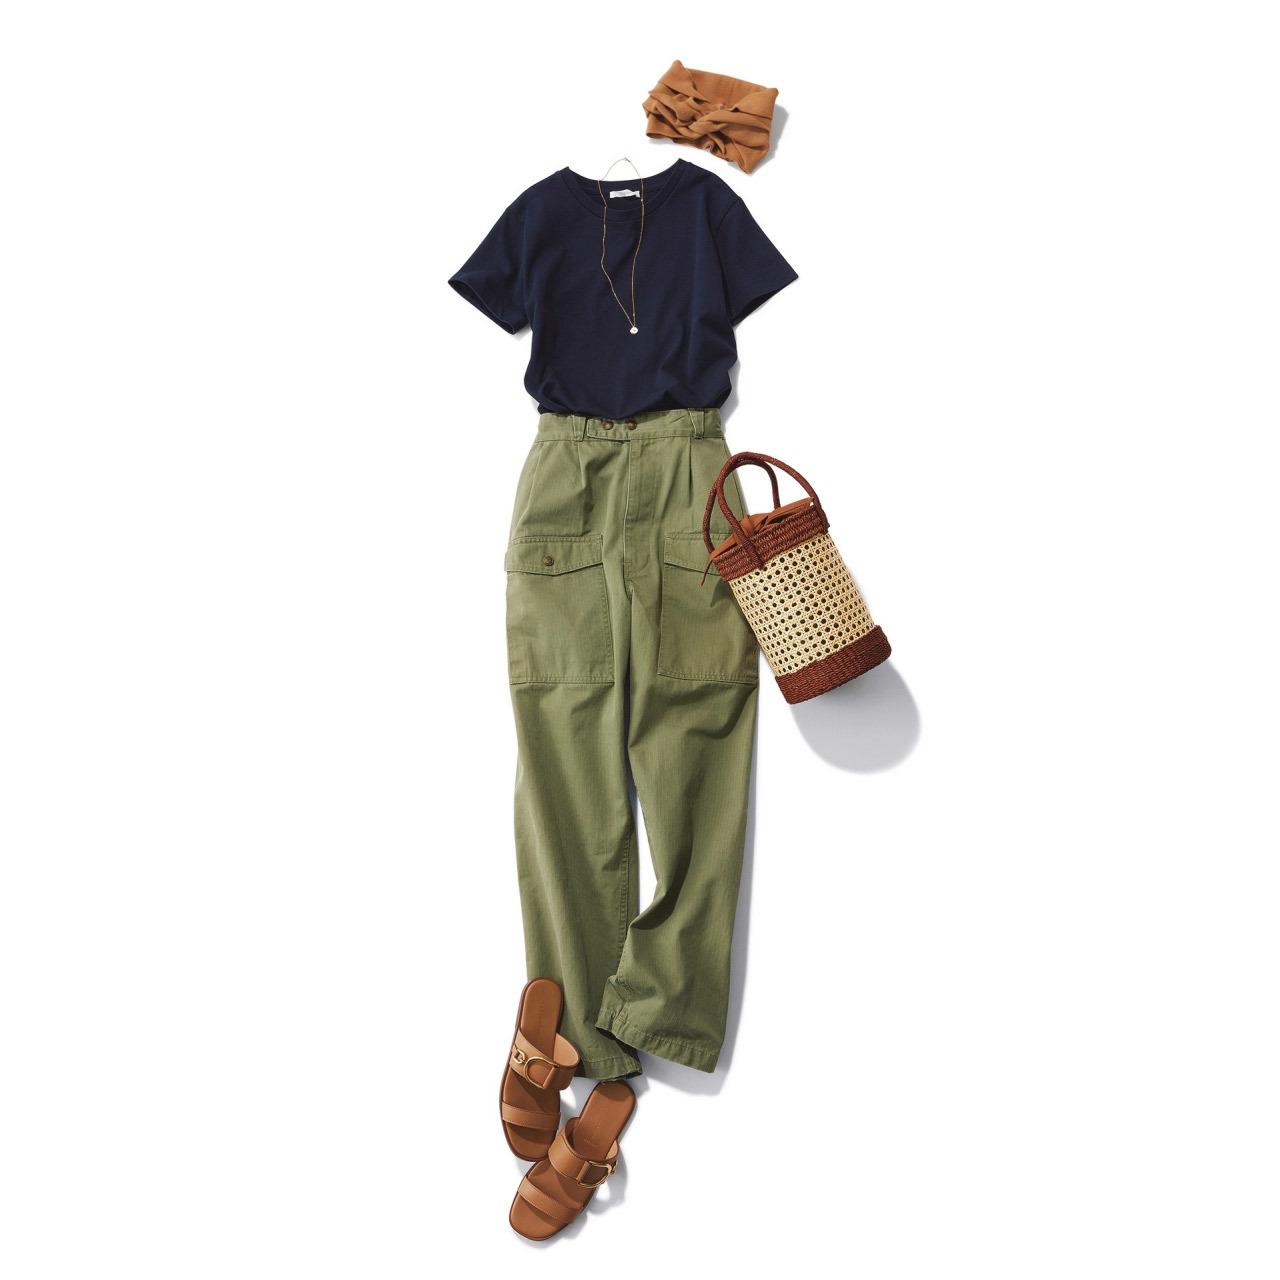 ■ネイビーのTシャツ×カーキの腰高カーゴパンツコーデ